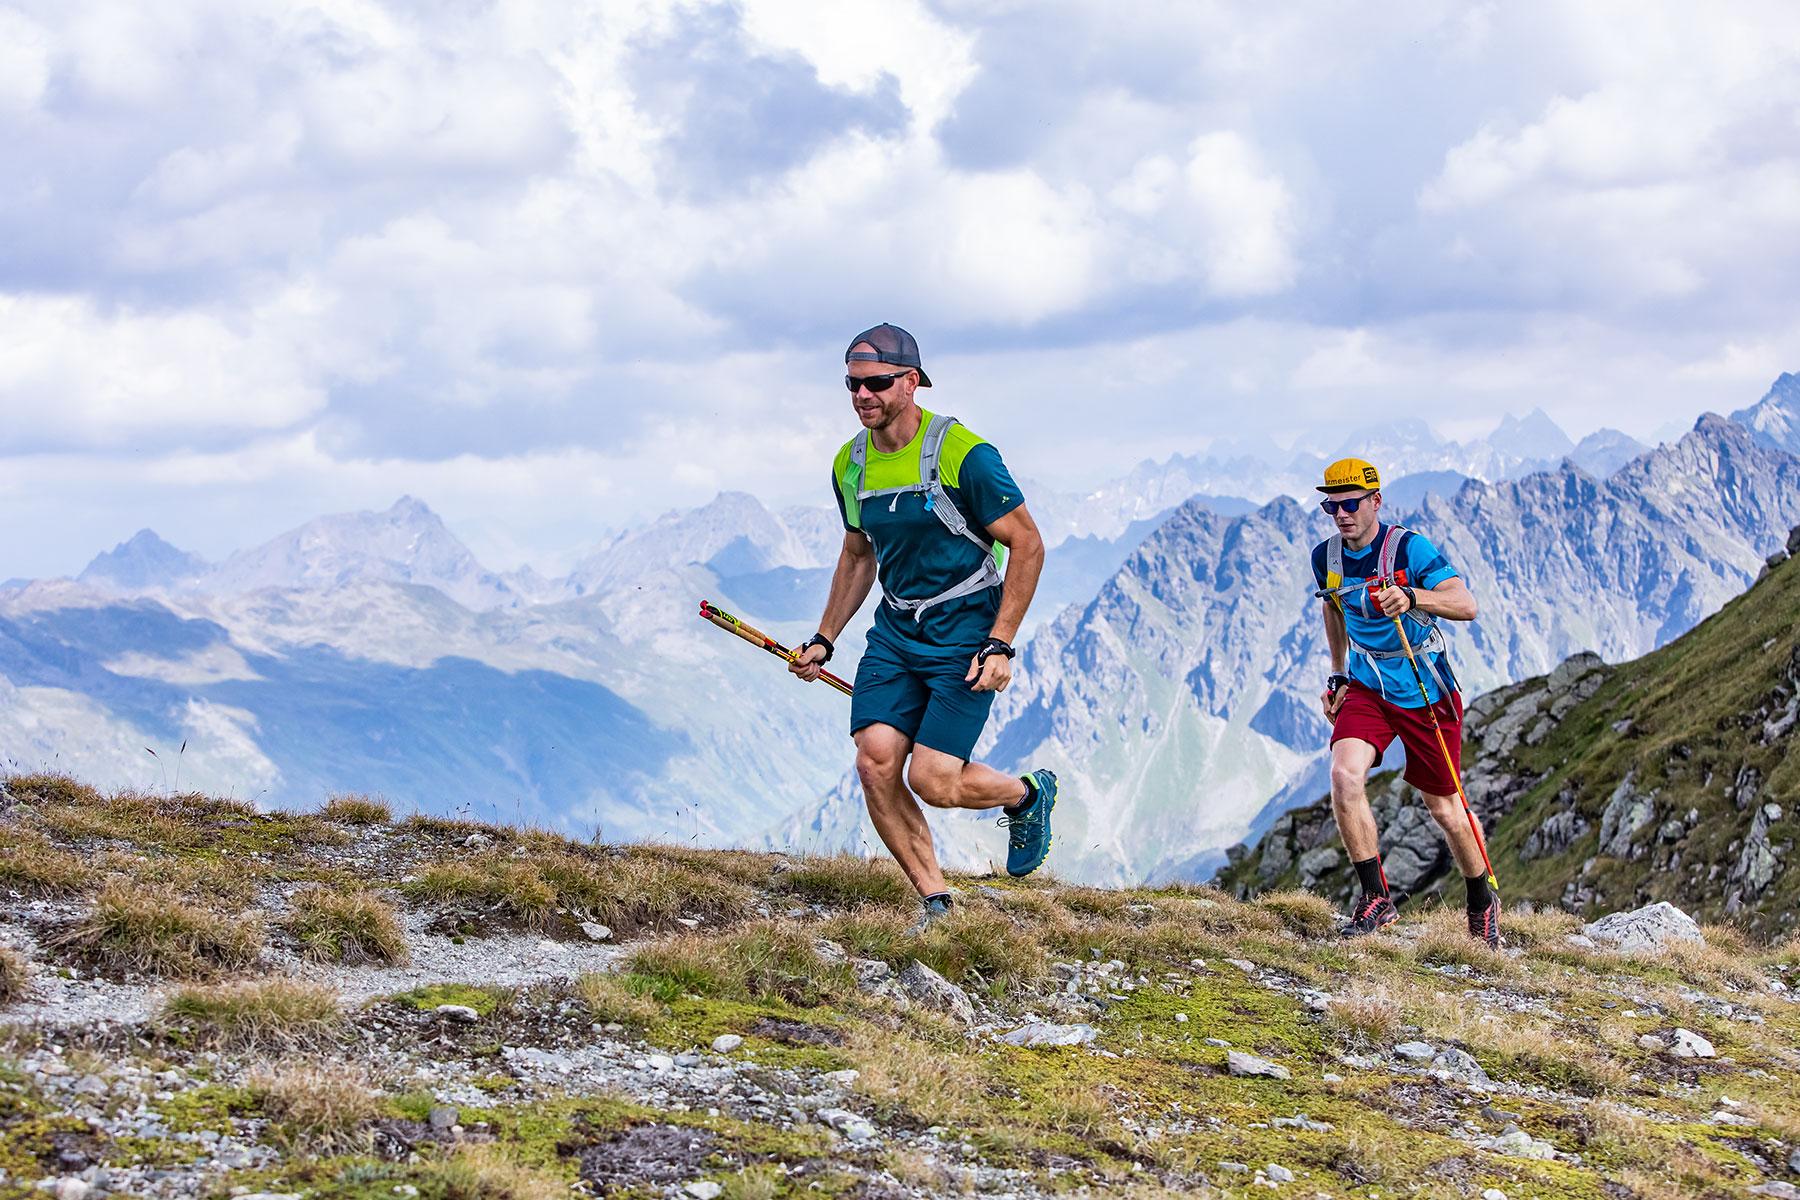 LEKI_Trail Running_©Torsten Wenzler2019_2